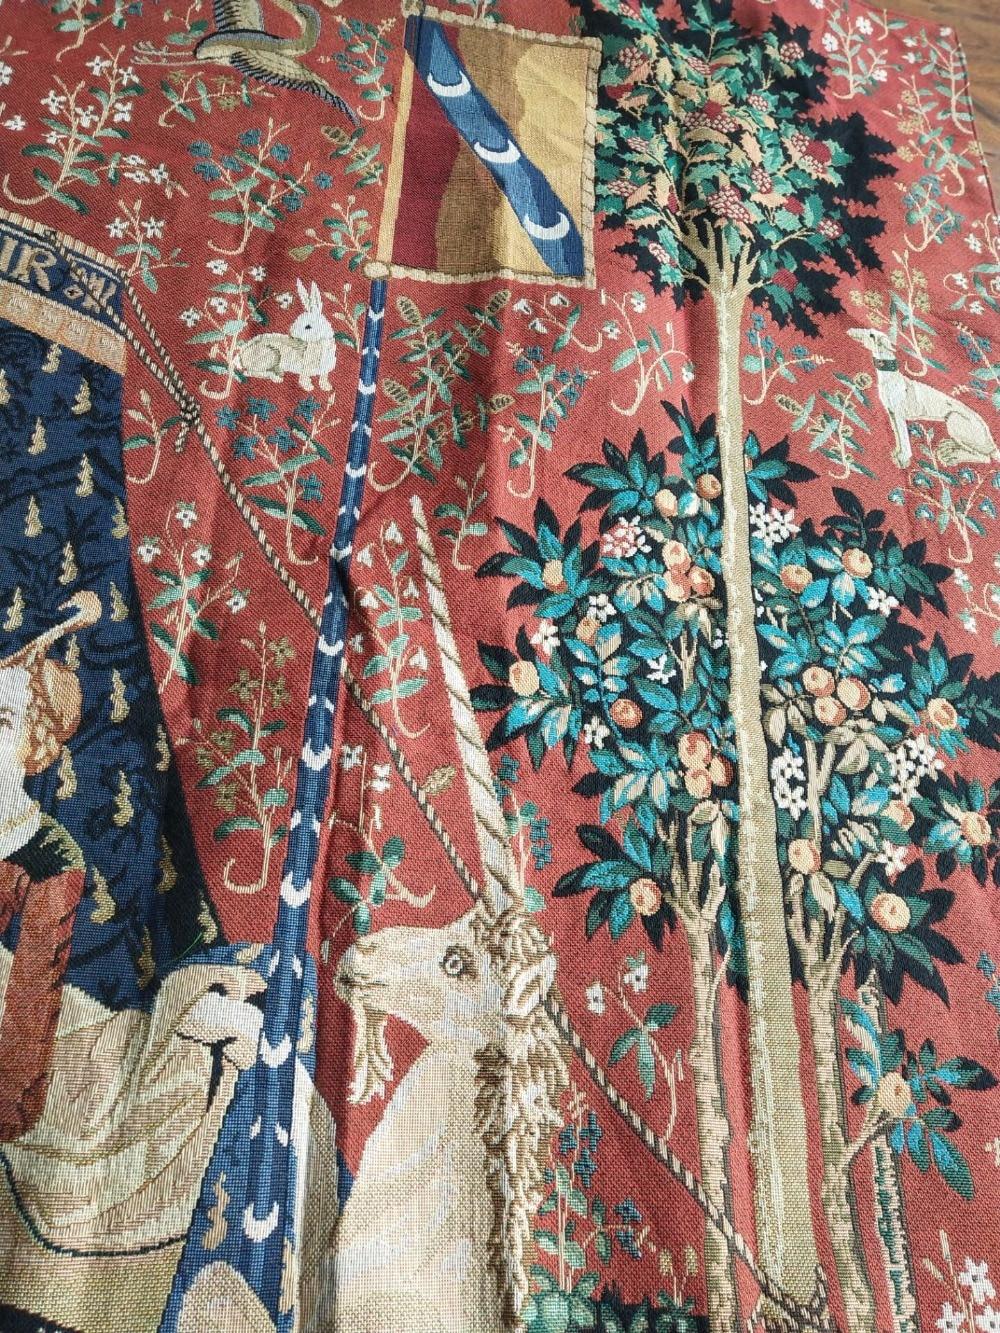 Serie de unicornio noblellady vestido de mujer tamaño grande 165*139cm tela decorativa de jaauard tapiz de pared medieval PT 76 - 6